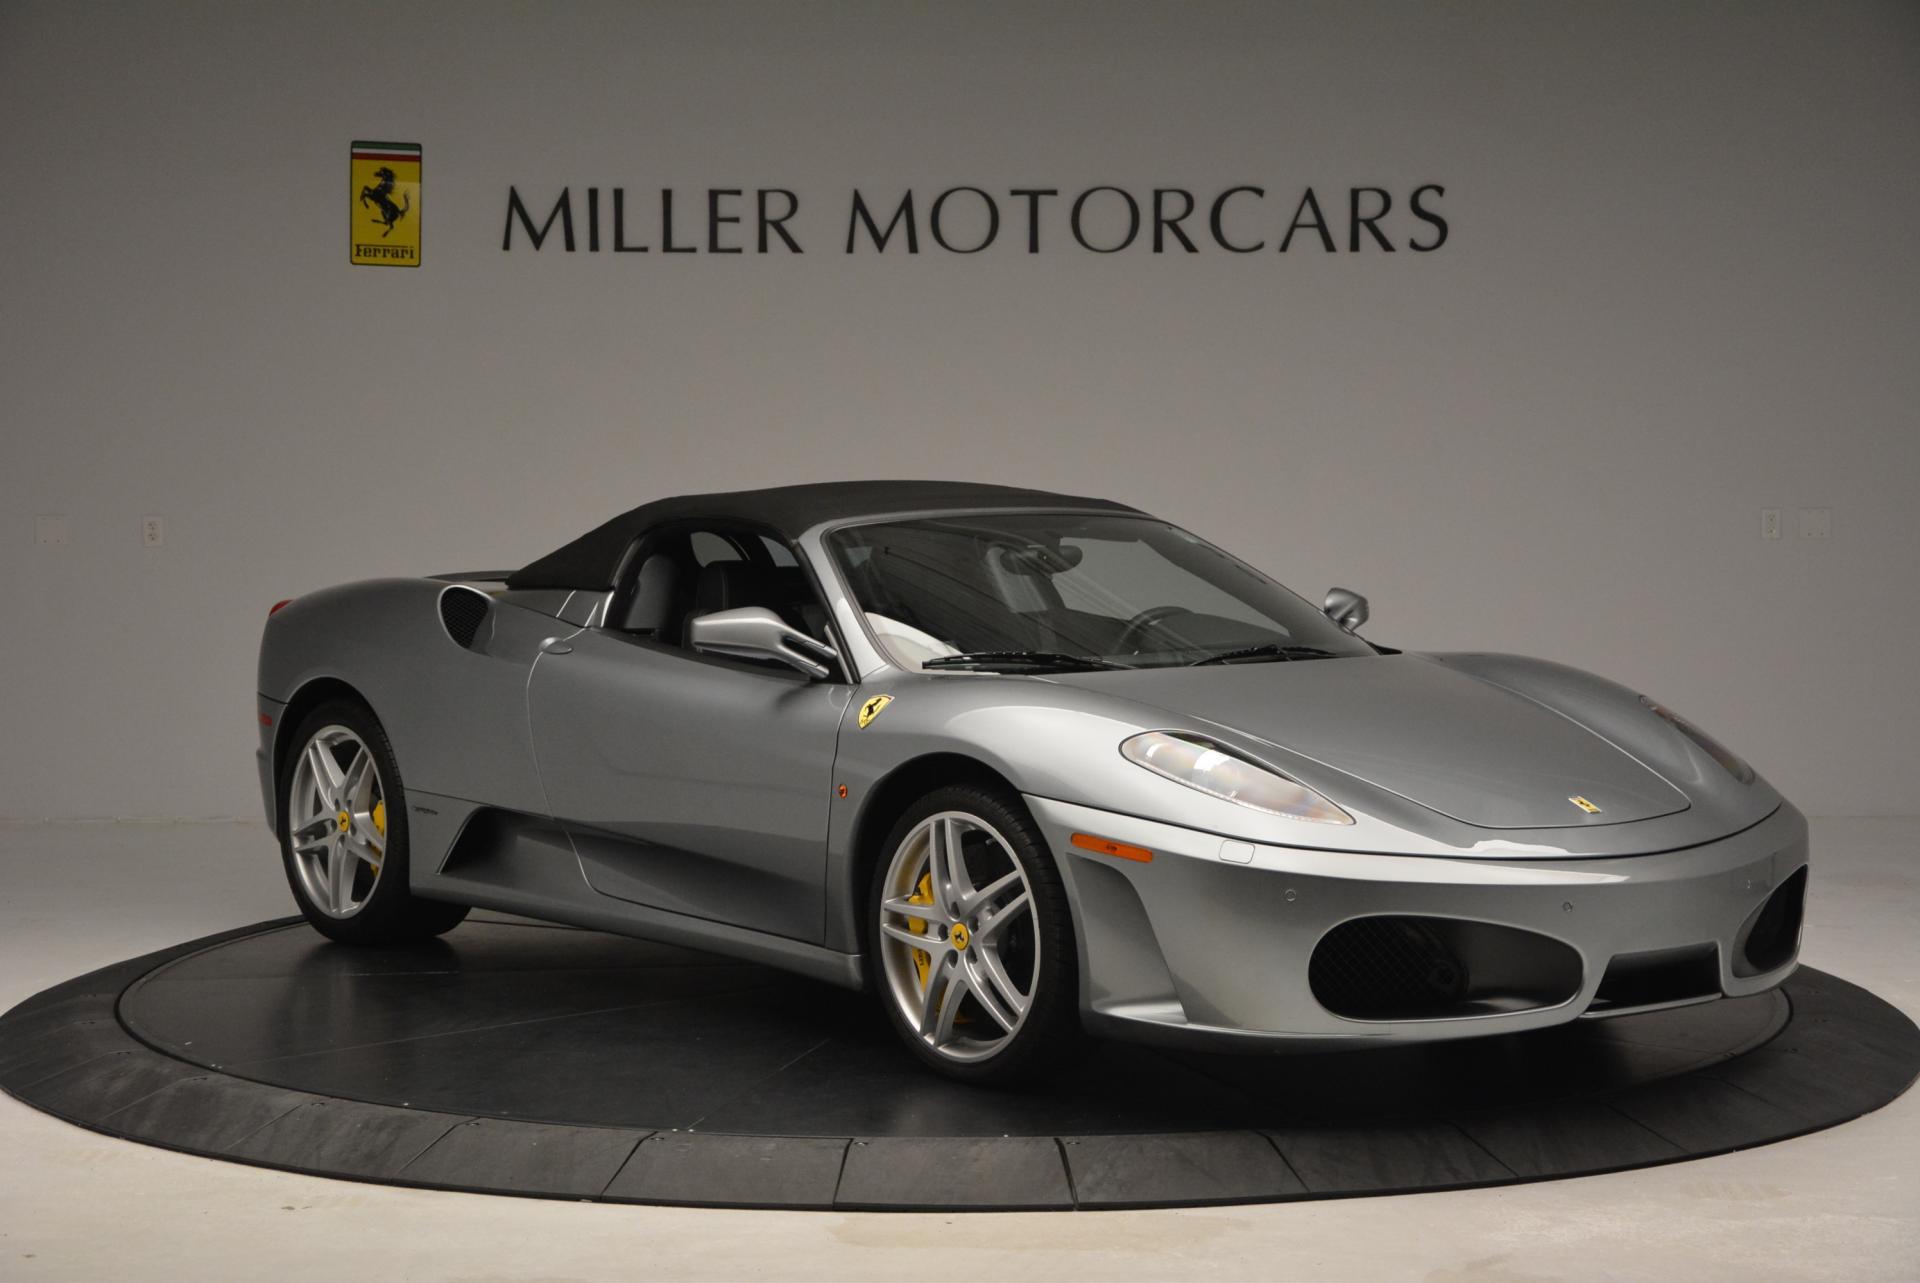 Used 2009 Ferrari F430 Spider F1 For Sale In Greenwich, CT. Alfa Romeo of Greenwich, 4243 131_p23